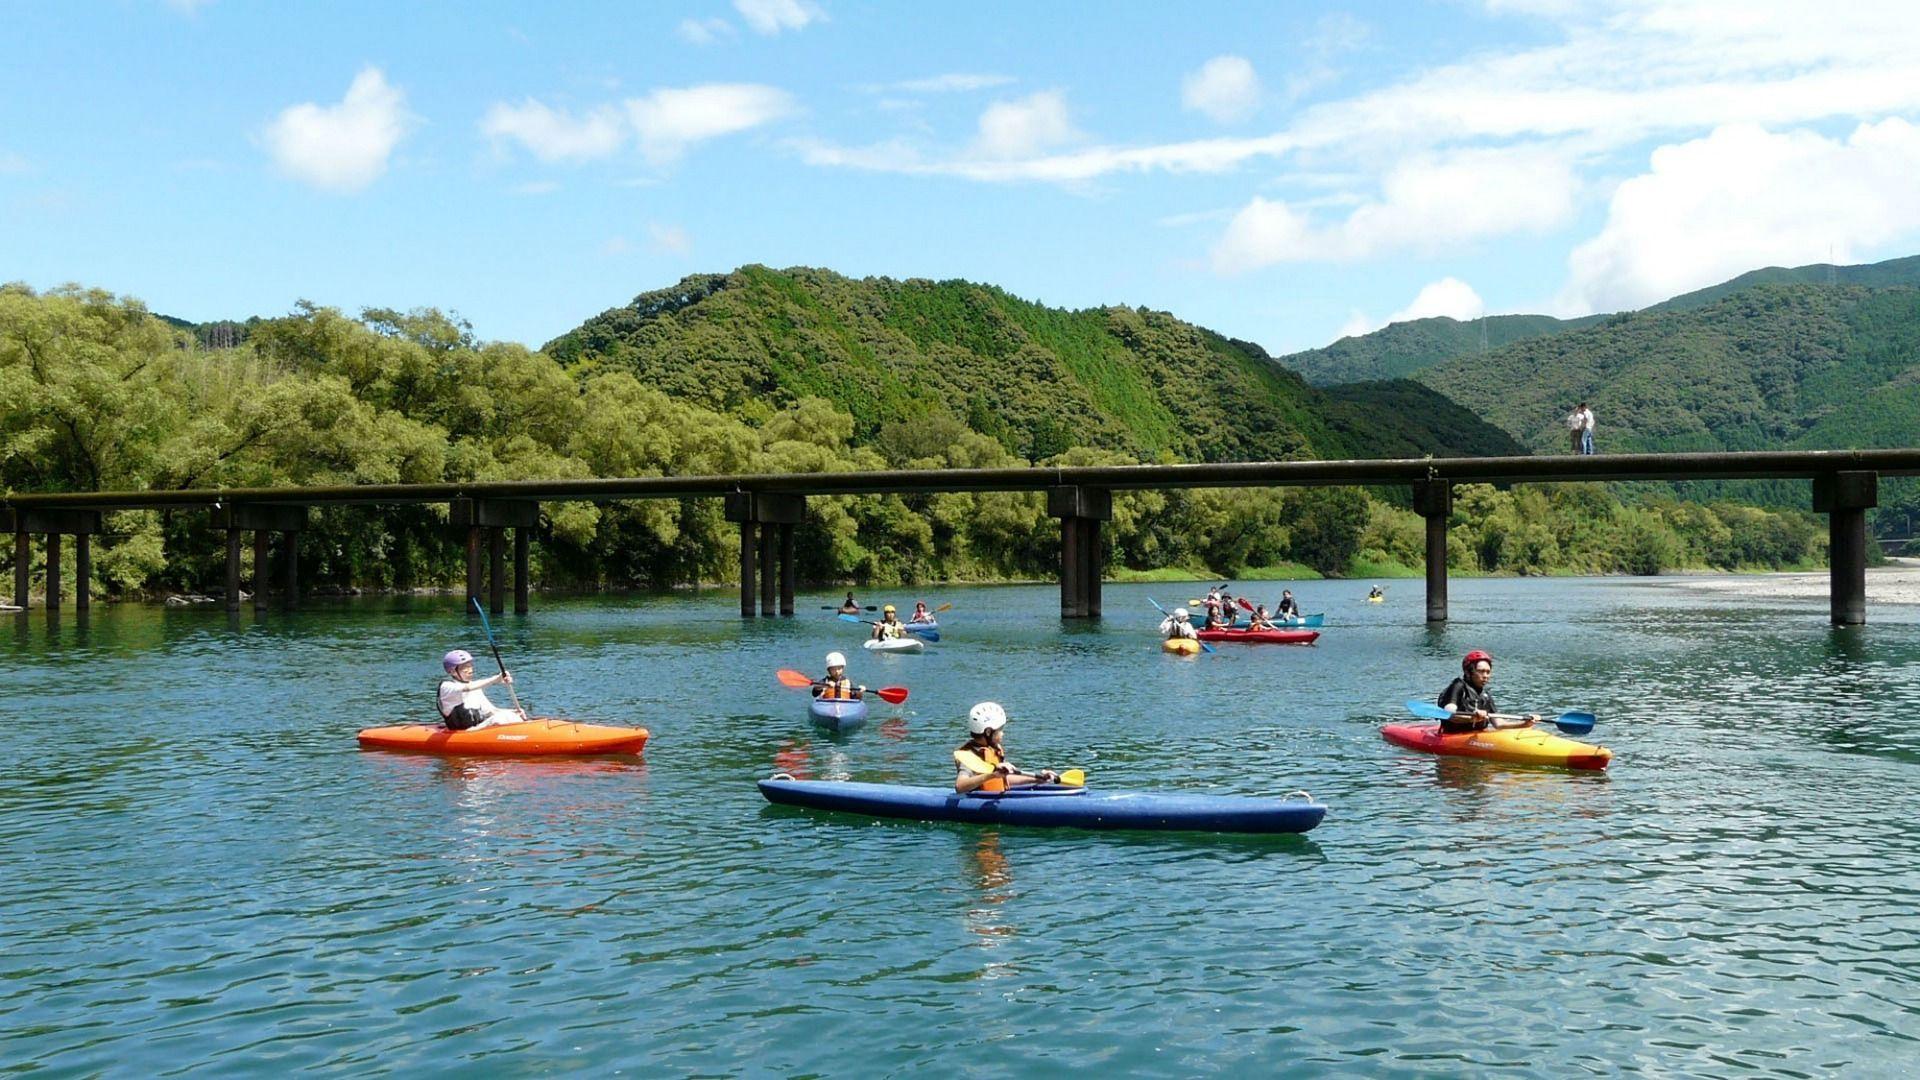 Kochi Prefecture The Shimanto River